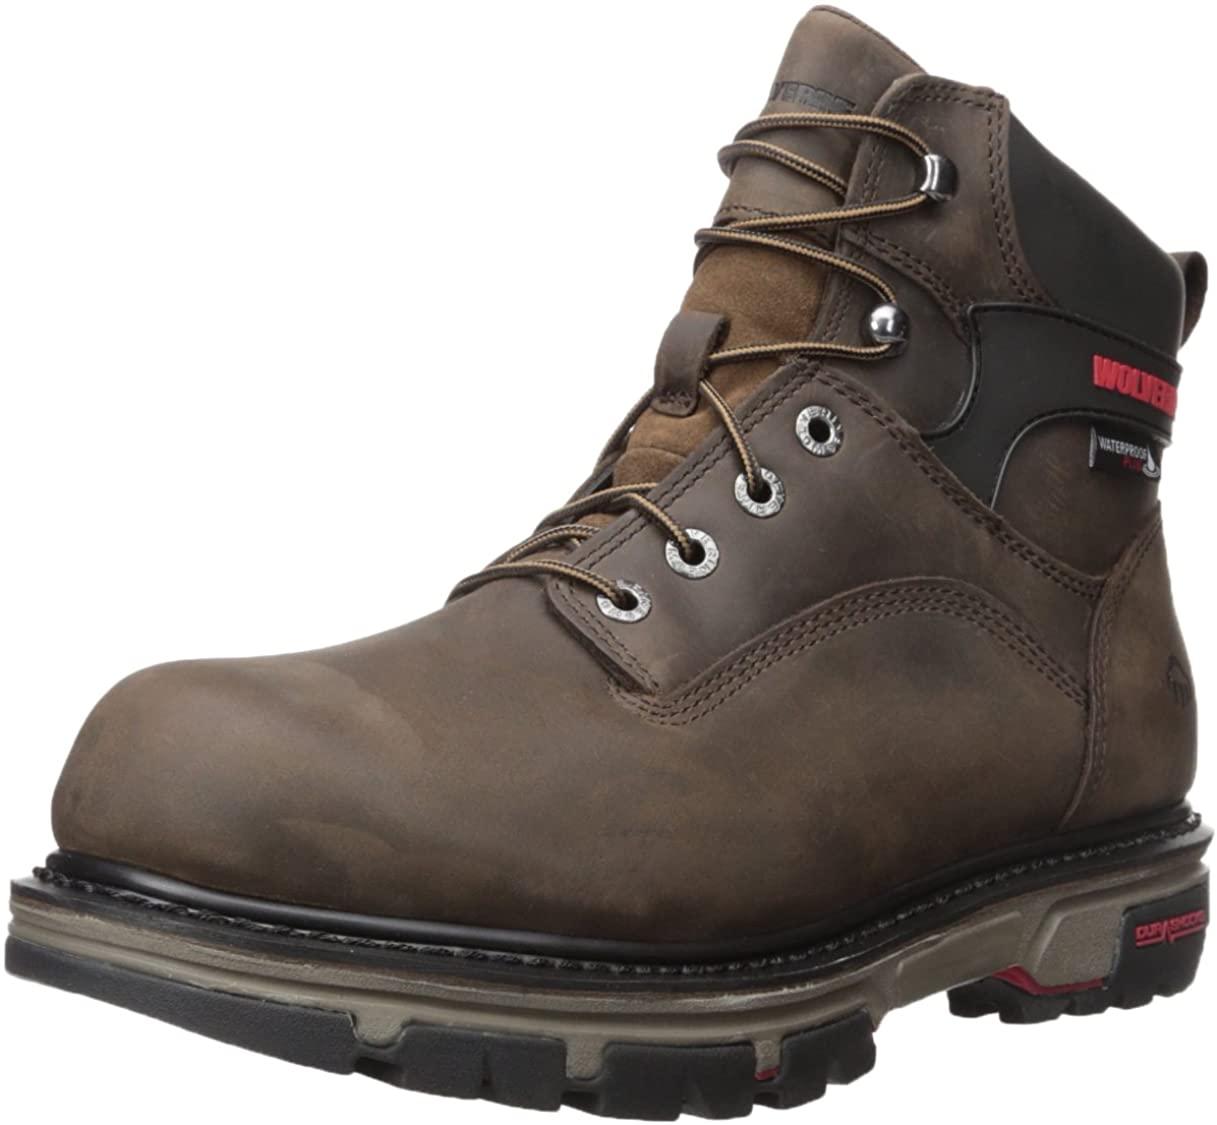 Wolverine Men's Nation 6 Inch Waterproof Soft Toe Work Shoe